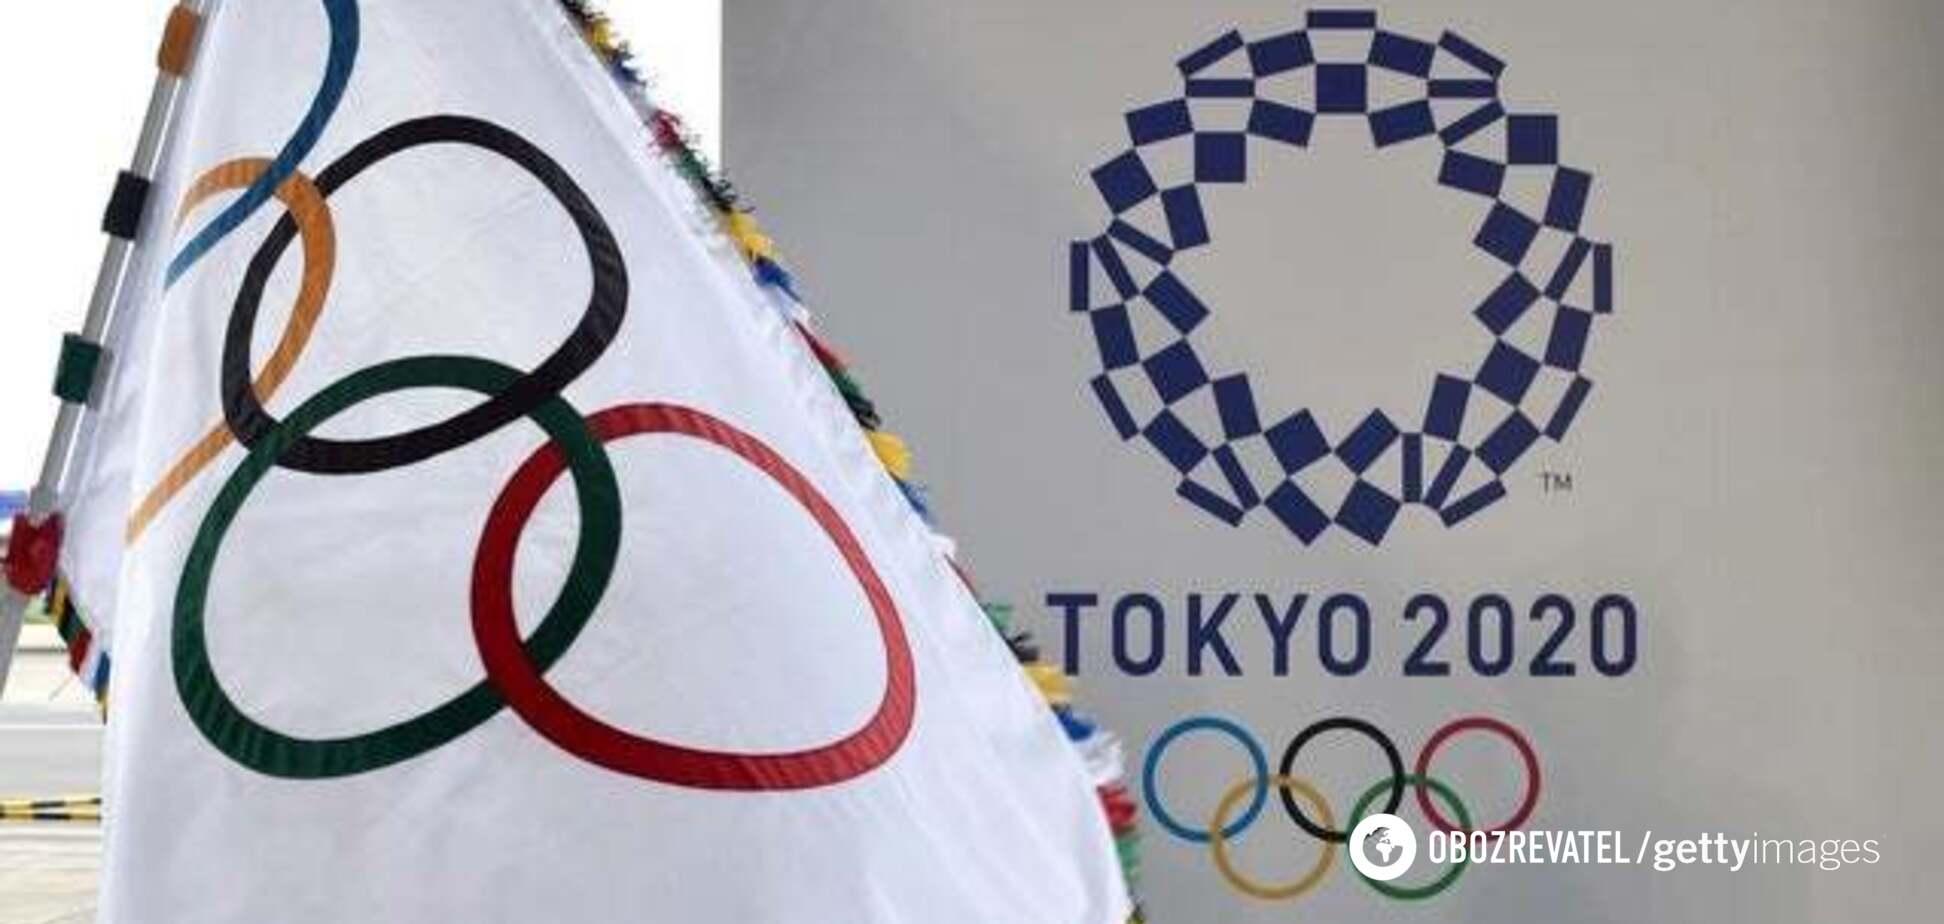 Без Евро-2020 и Олимпиады: Россия на грани полного фиаско в допинговом скандале